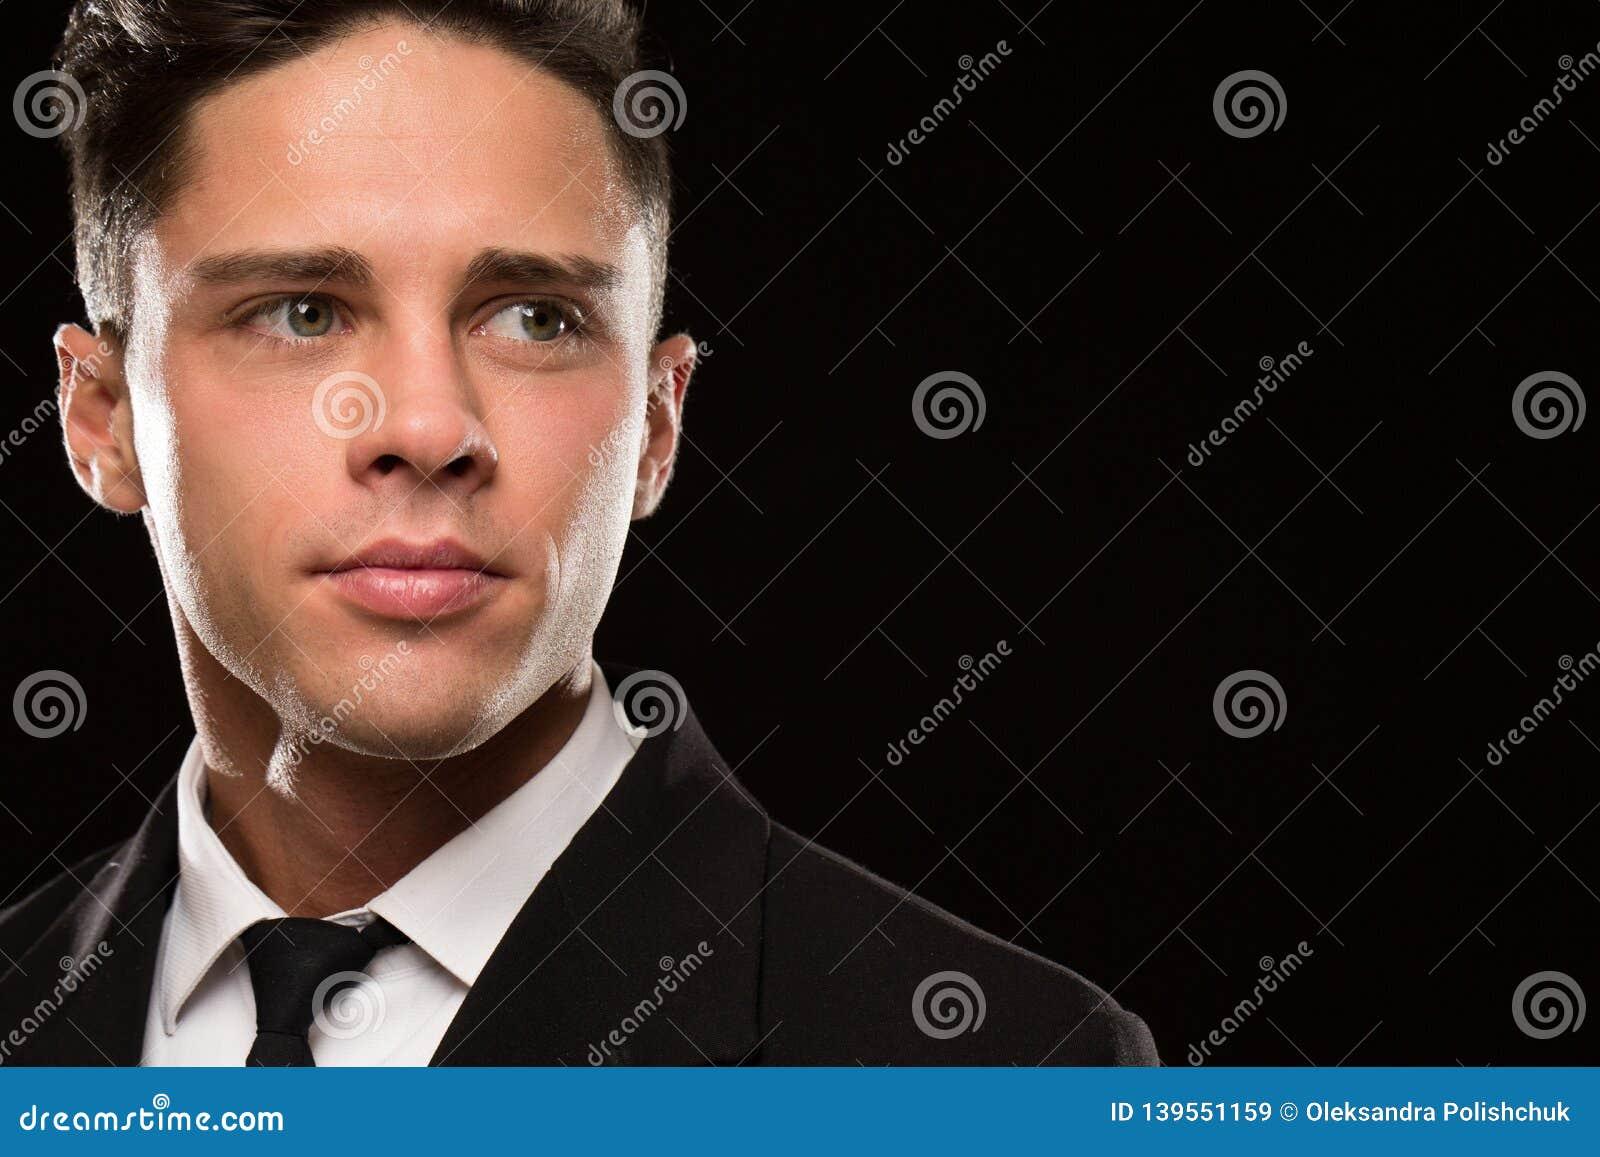 Fierce bodyguard in a black suit